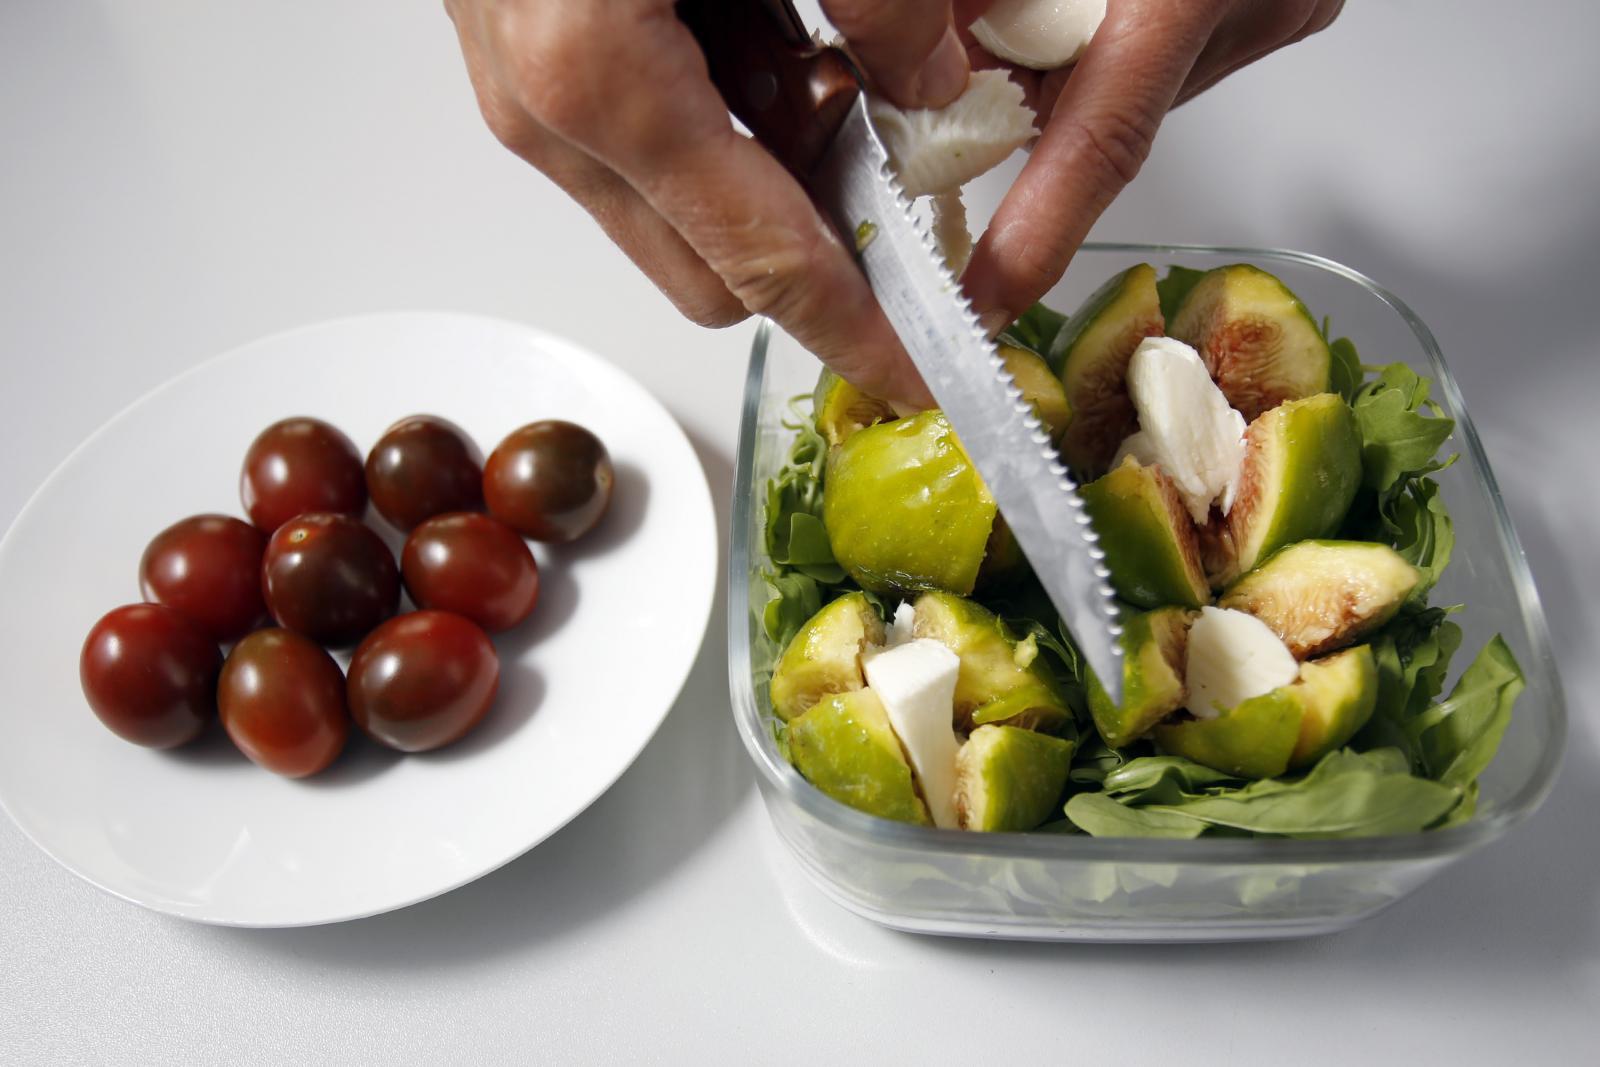 Umjesto smokve možete koristiti i drugo voće, primjerice dinju, breskvu ili nektarinu.